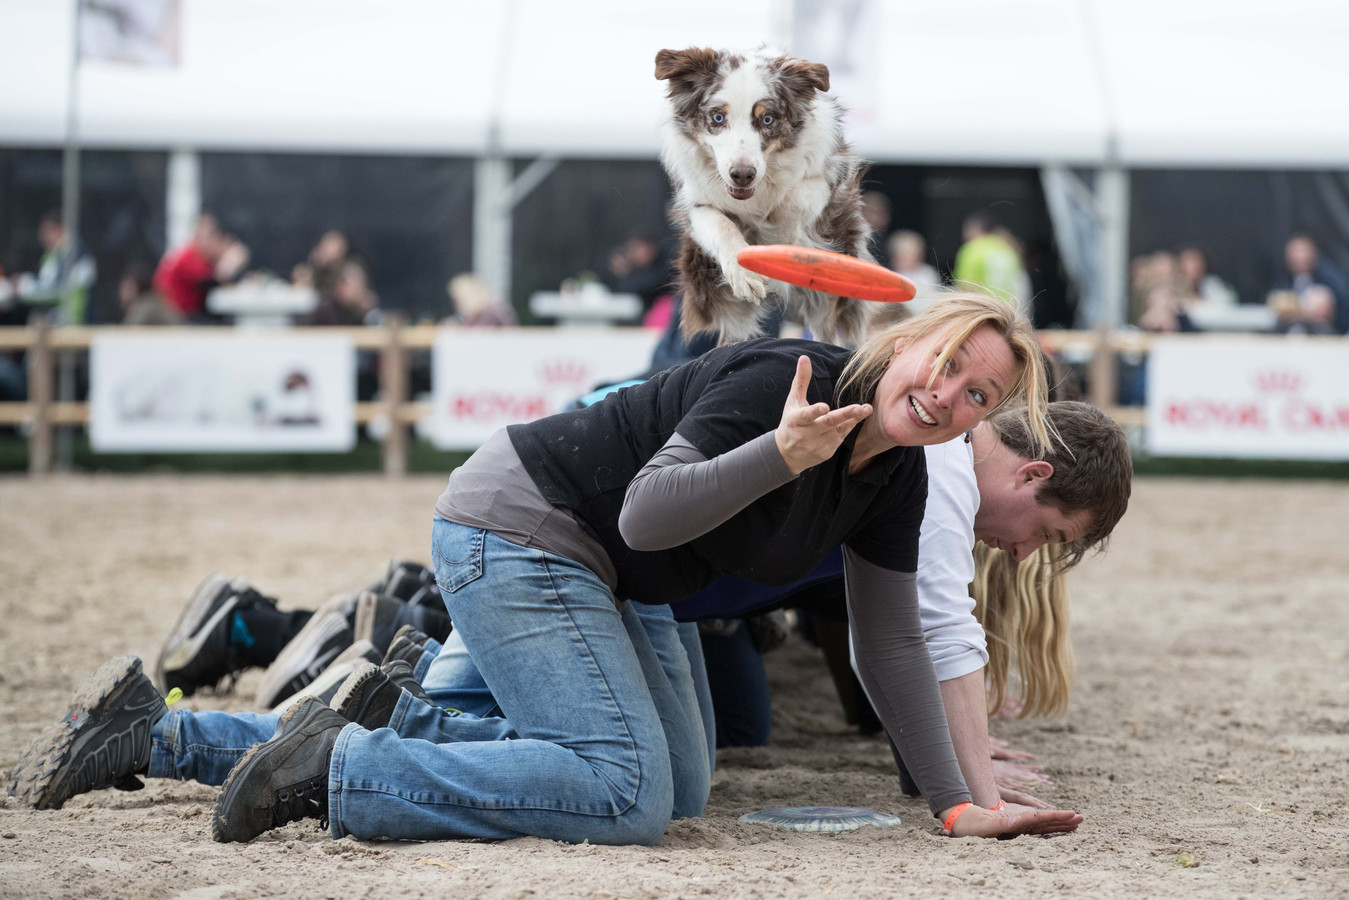 Op 4, 5, en 6 mei vindt Animal Event plaats in de Beekse Bergen.